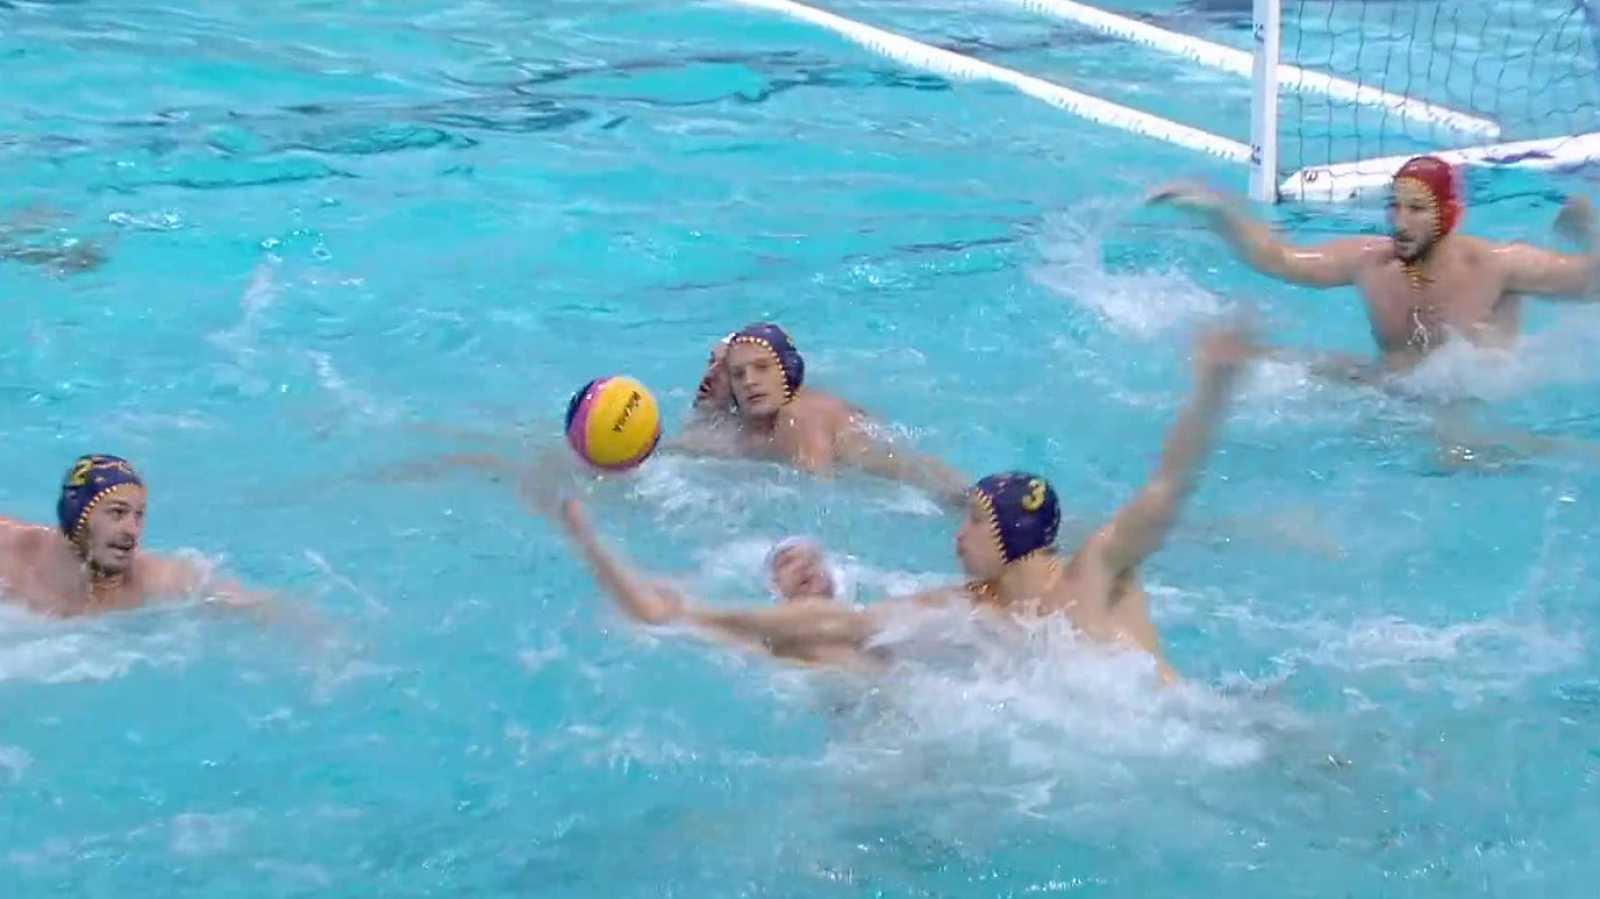 Waterpolo - Clasificación Liga Mundial. Semifinal: Grecia - España - ver ahora